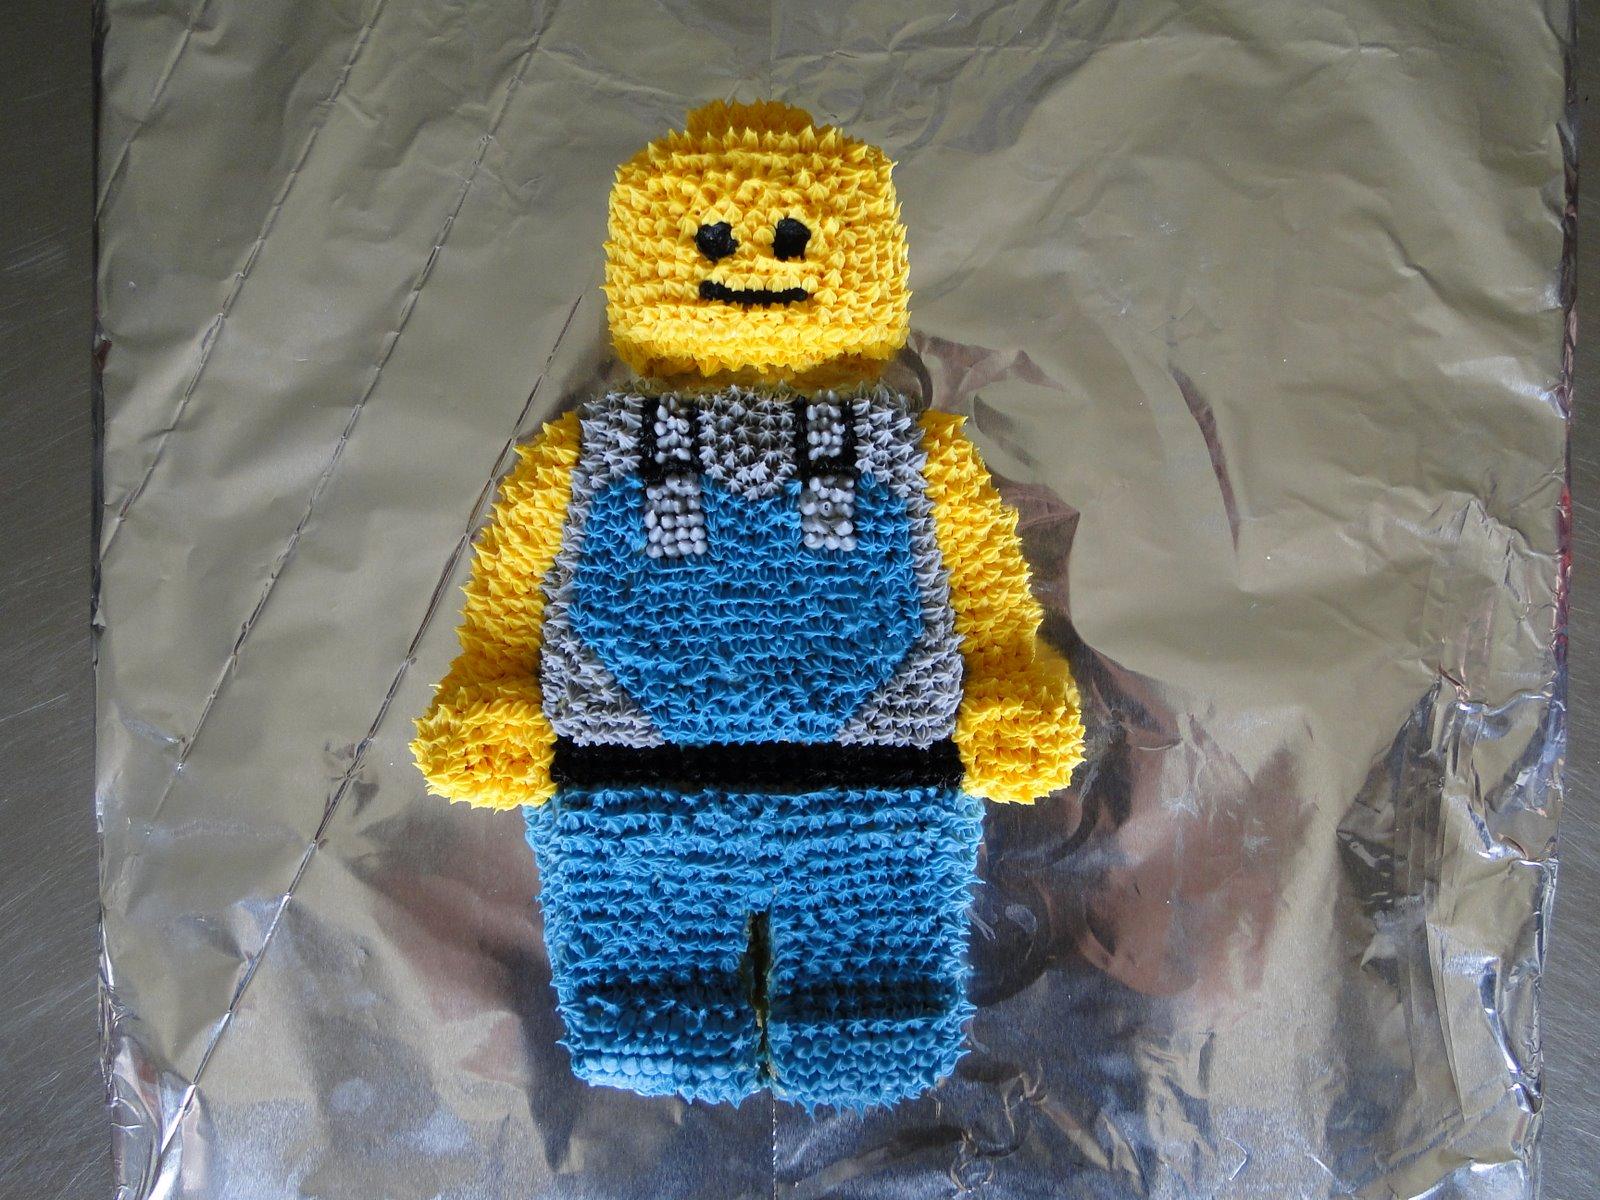 Lego Cake Pan Mold